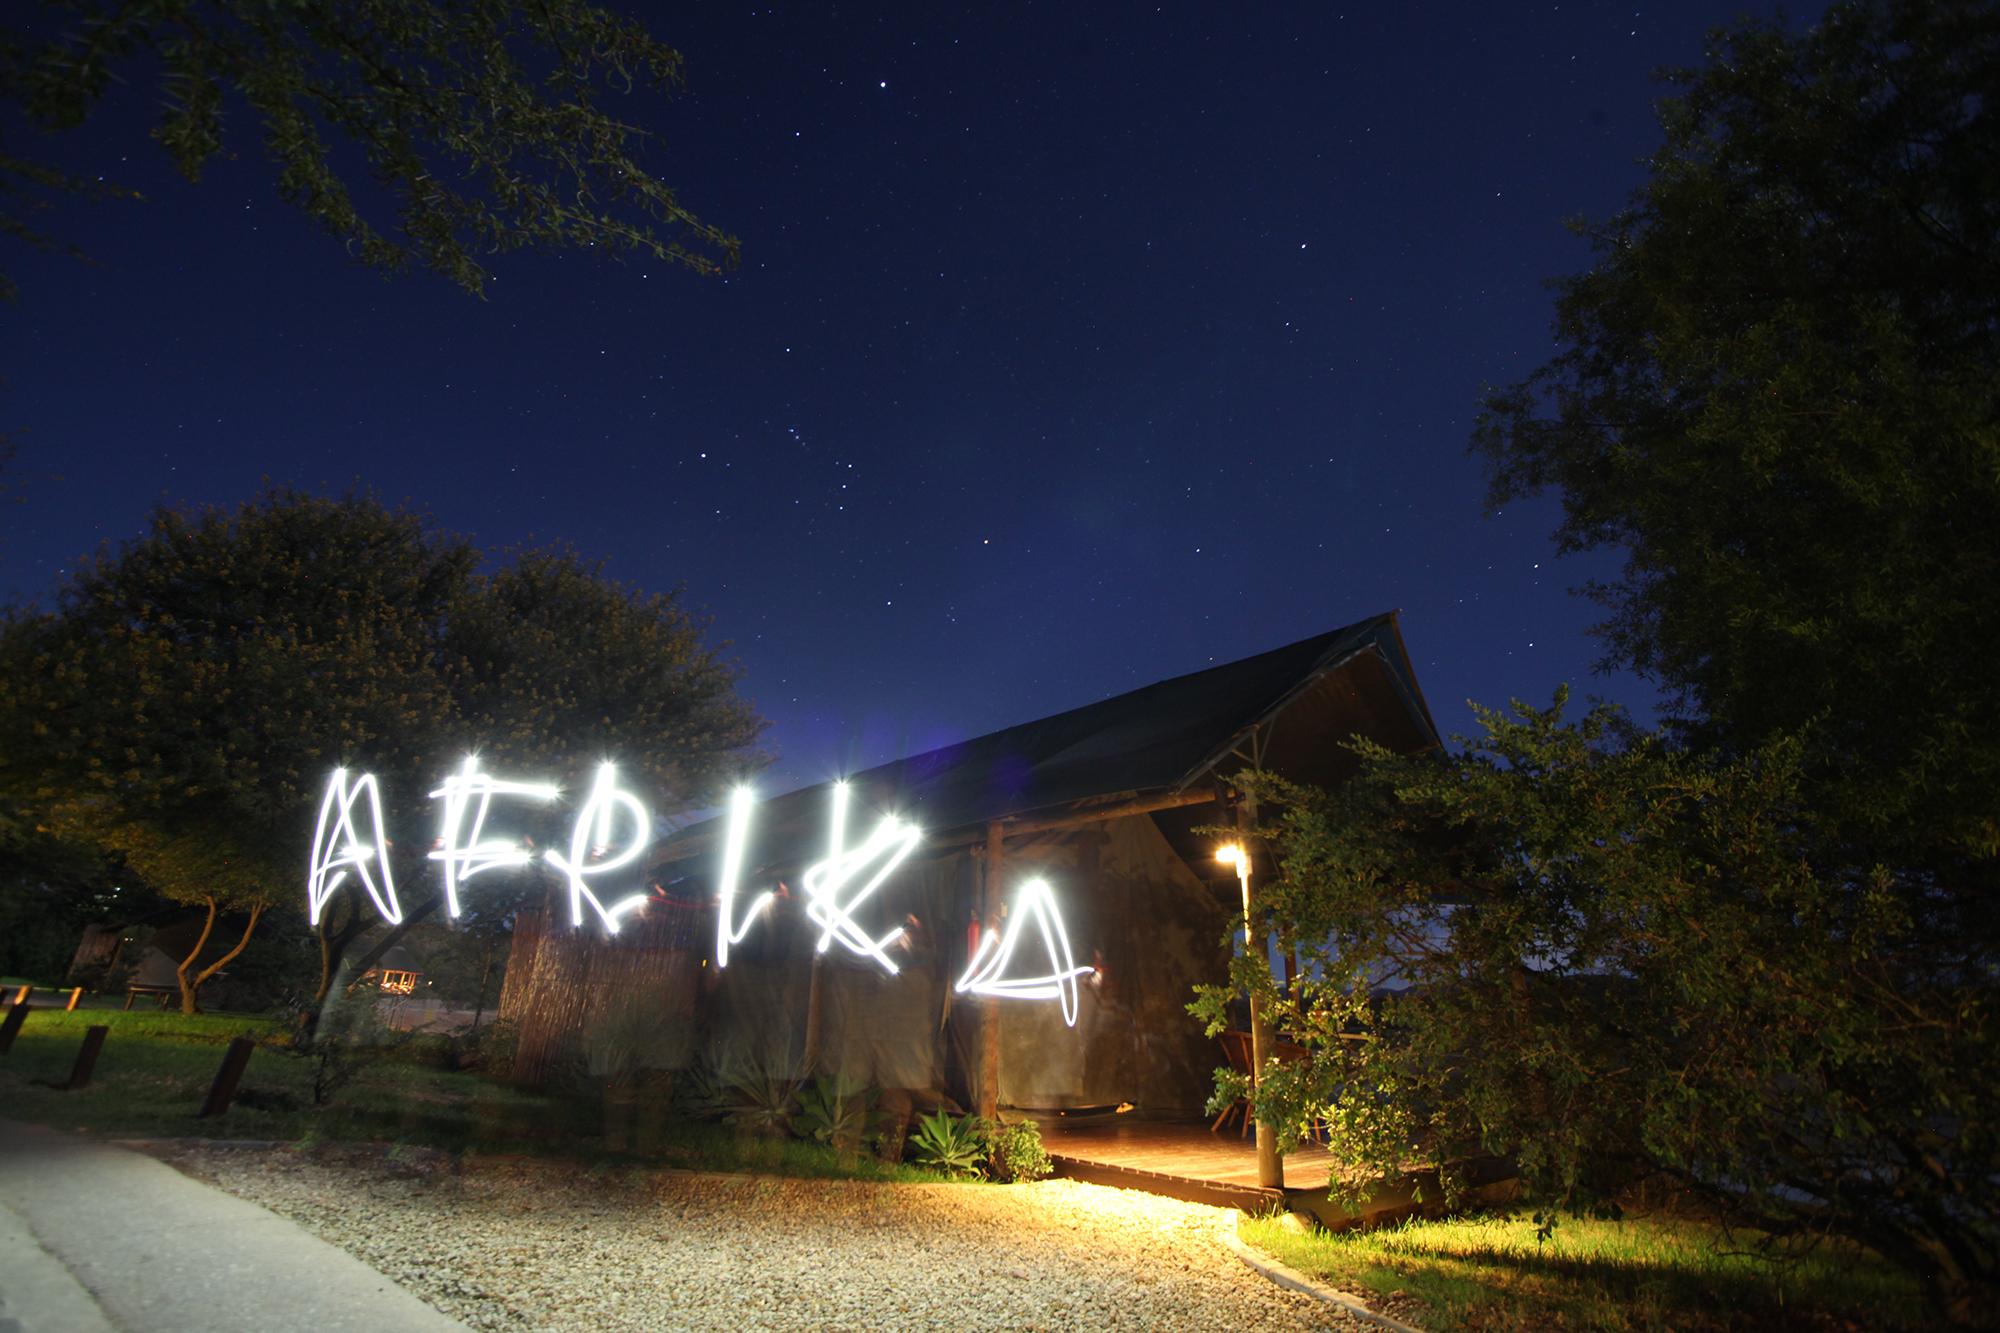 abenteuerreich erlebnistouren, erlebnistouren, südafrika, geführte rundreise, rundreise, krügernationalpark, gardenroute